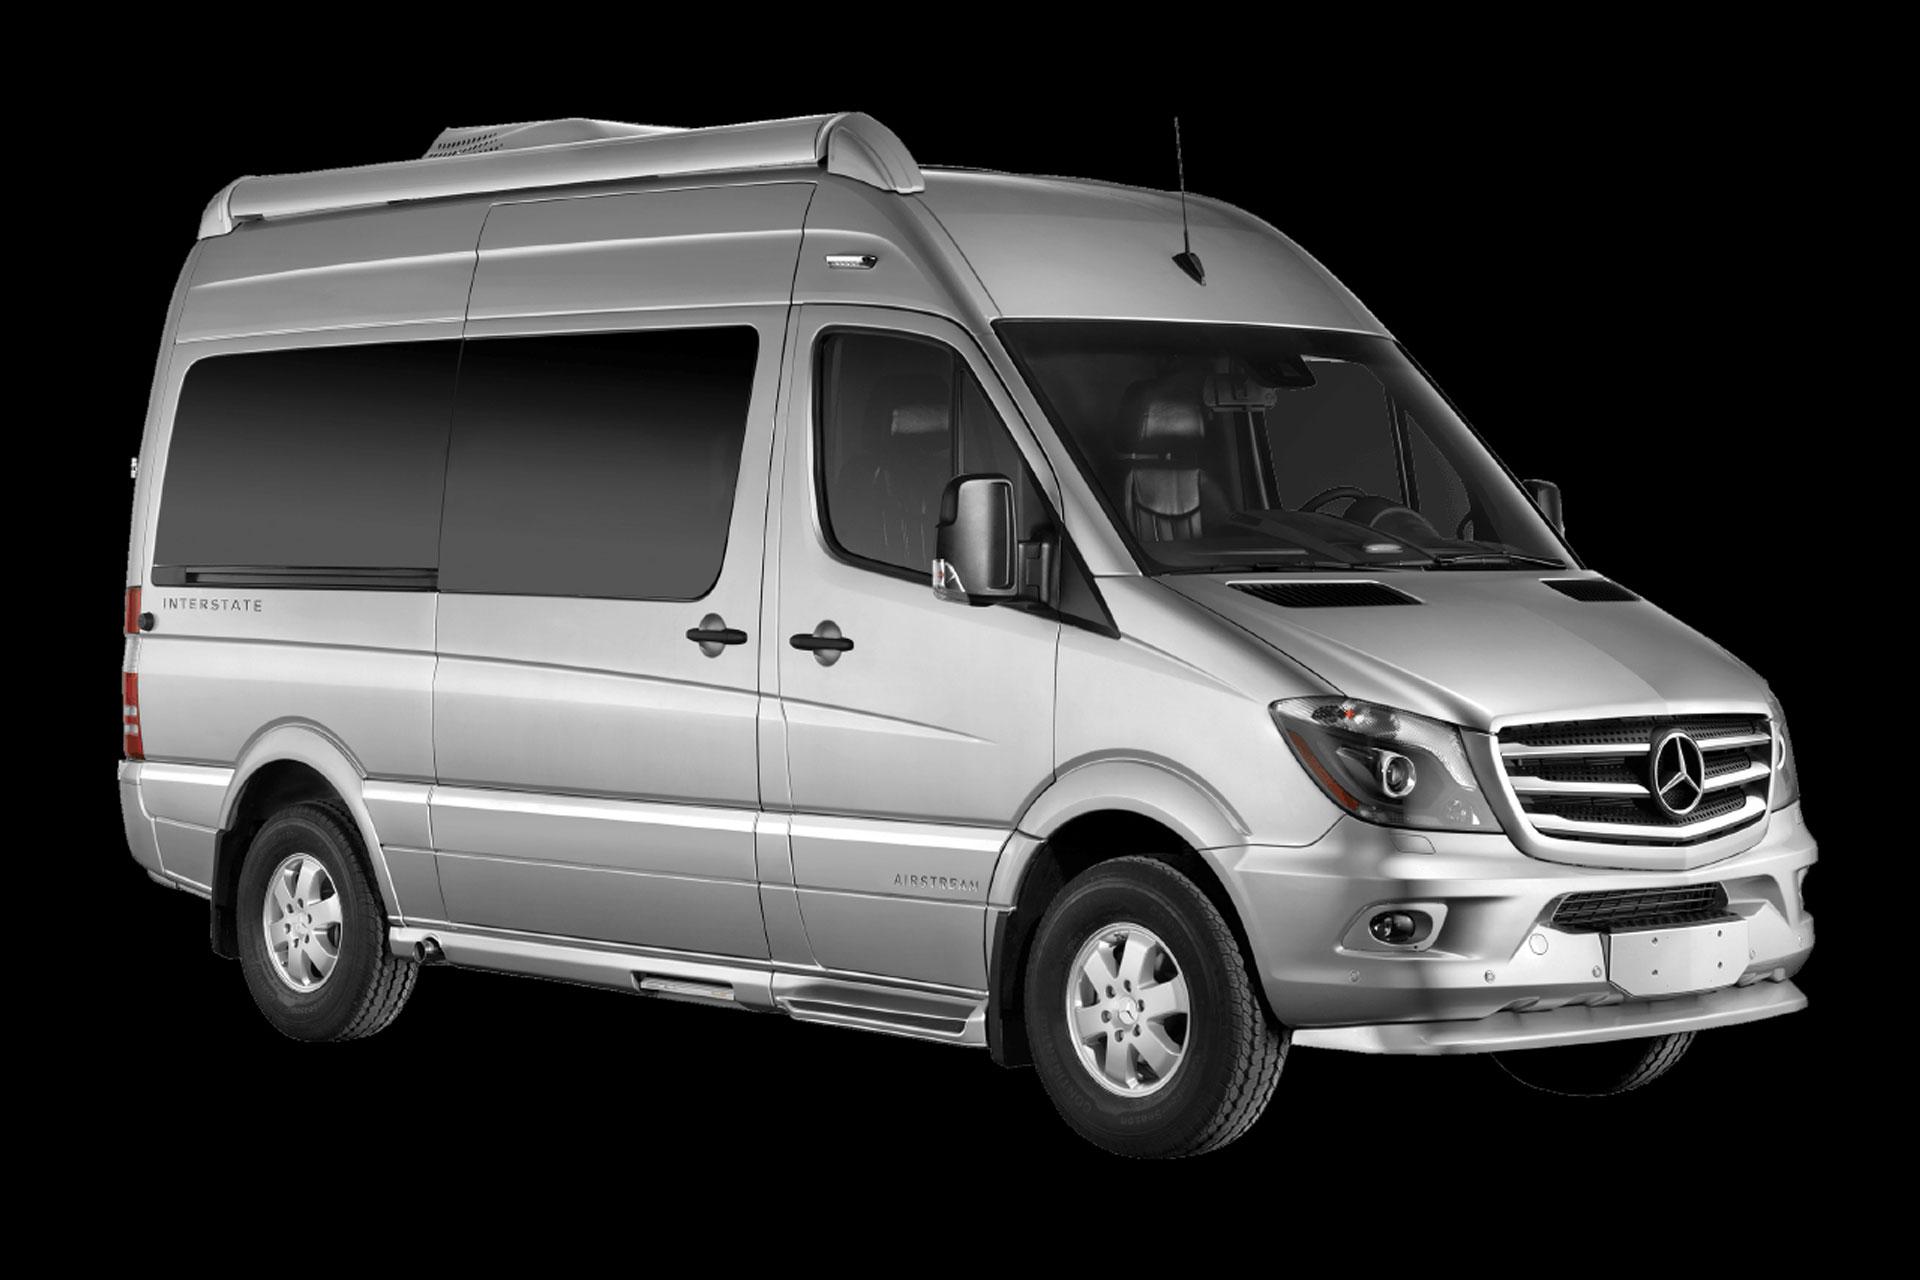 Airstream Interstate Nineteen Camper Van